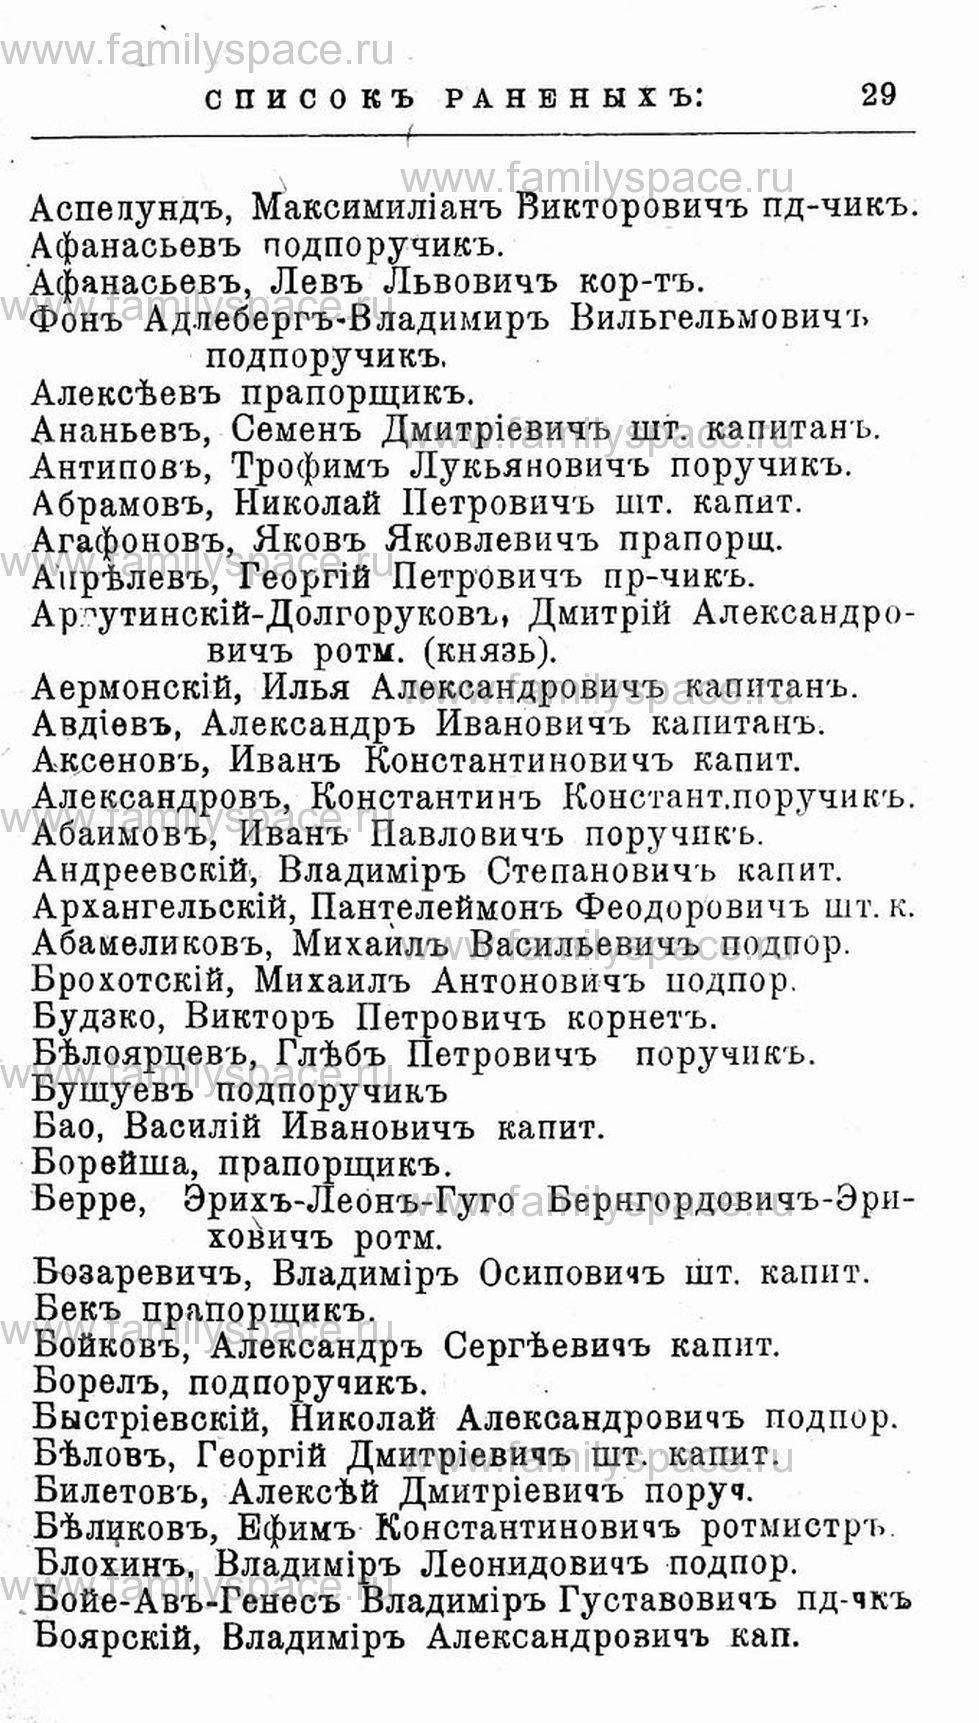 Поиск по фамилии - Первая мировая война - 1914 (списки убитых и раненых), страница 29